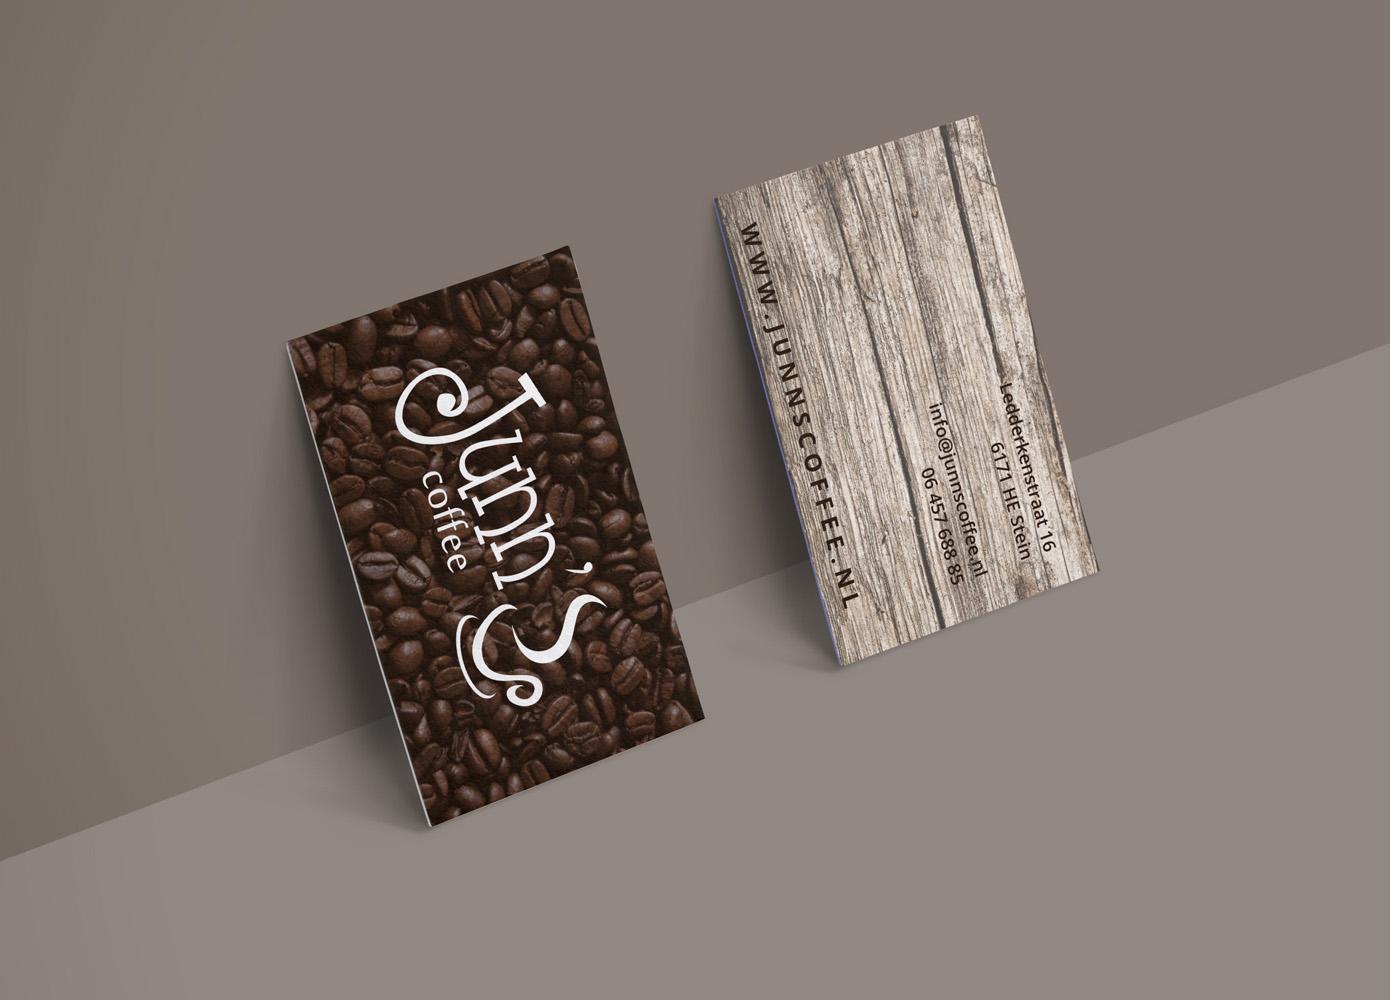 Visitekaart ontwerp Junn's Coffee